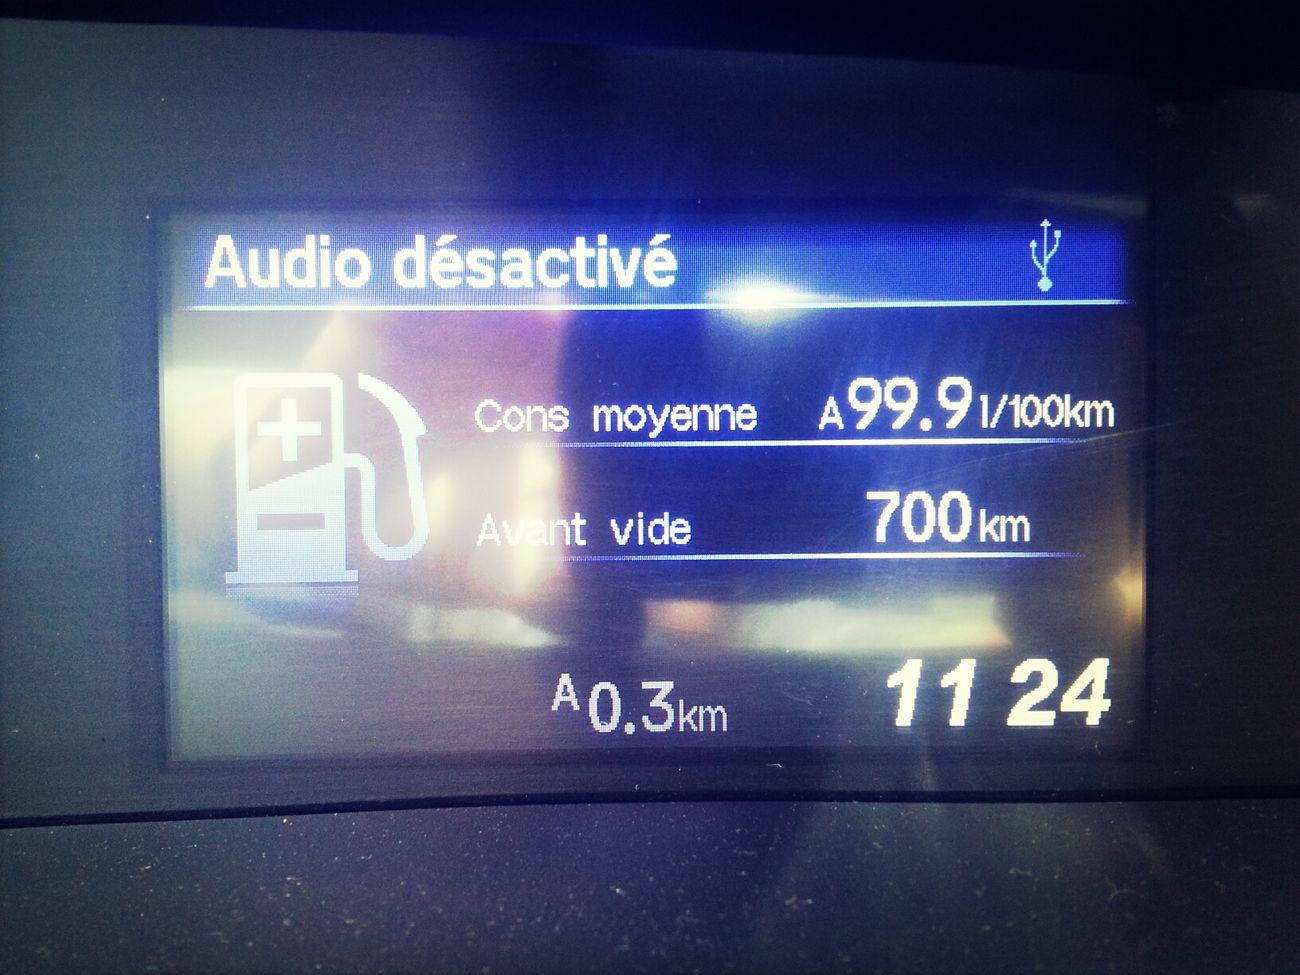 Les voitures nord américaines ont encore des progrès à faire en matière de consommation, je trouve. Cela dit, avec in réservoir de 700 litres, on a encore une belle autonomie !